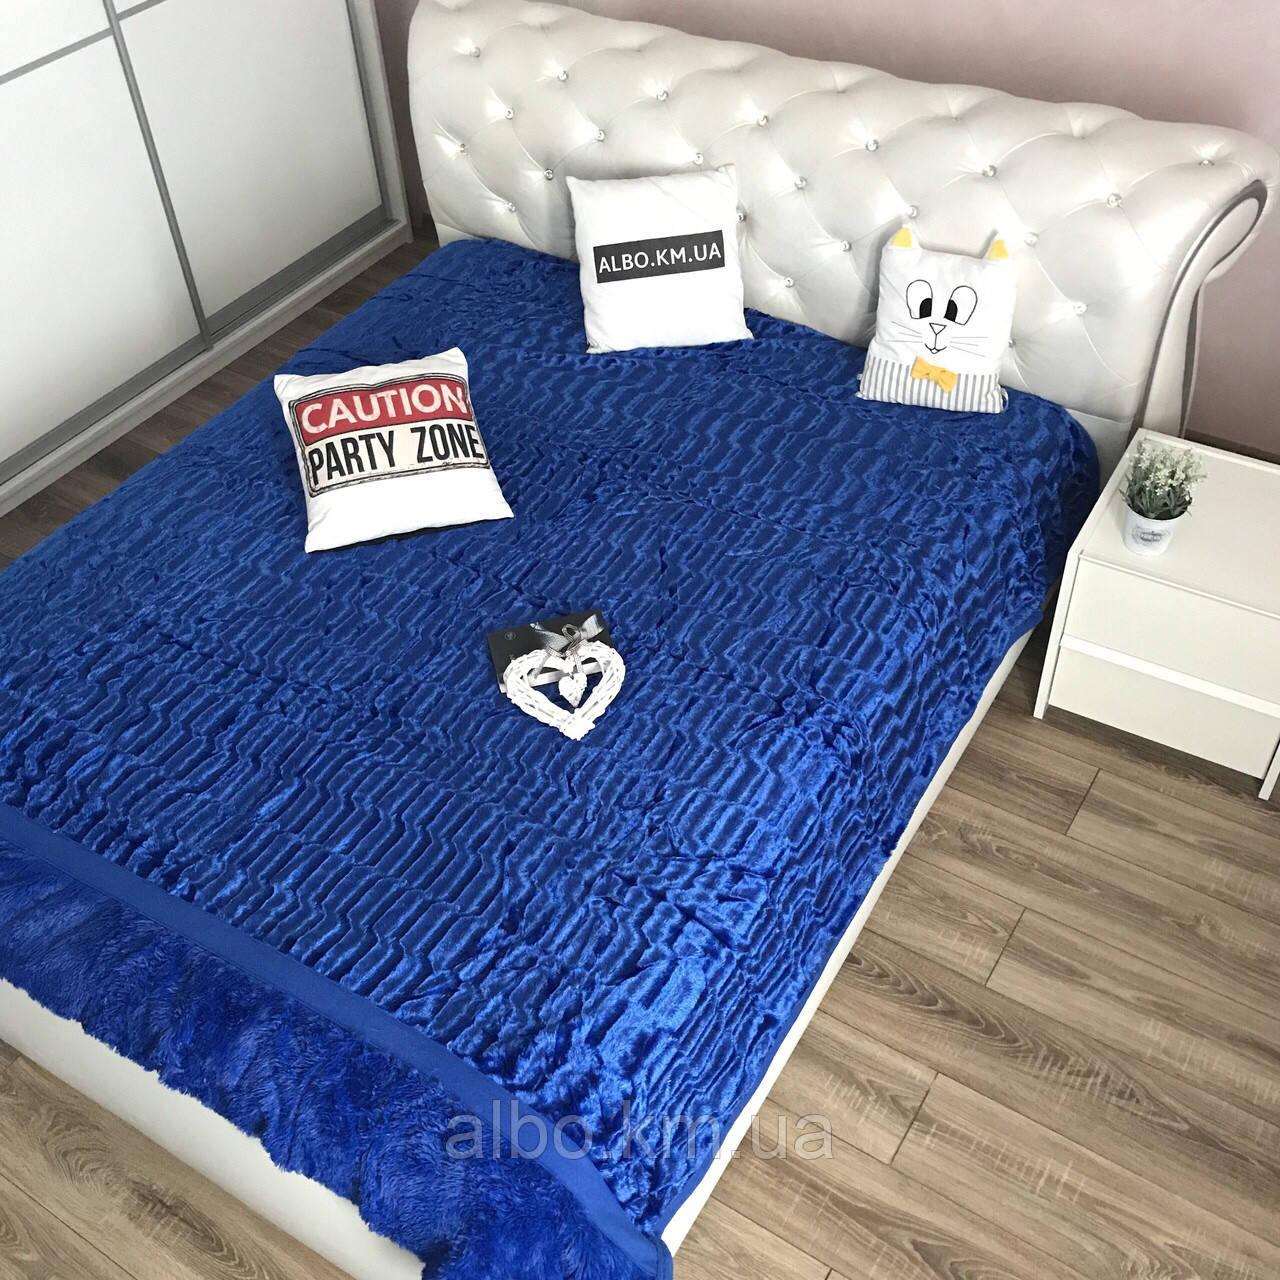 Покрывало меховое двусторонее на кровать ALBO 200х230 cm Синее (P-A18)